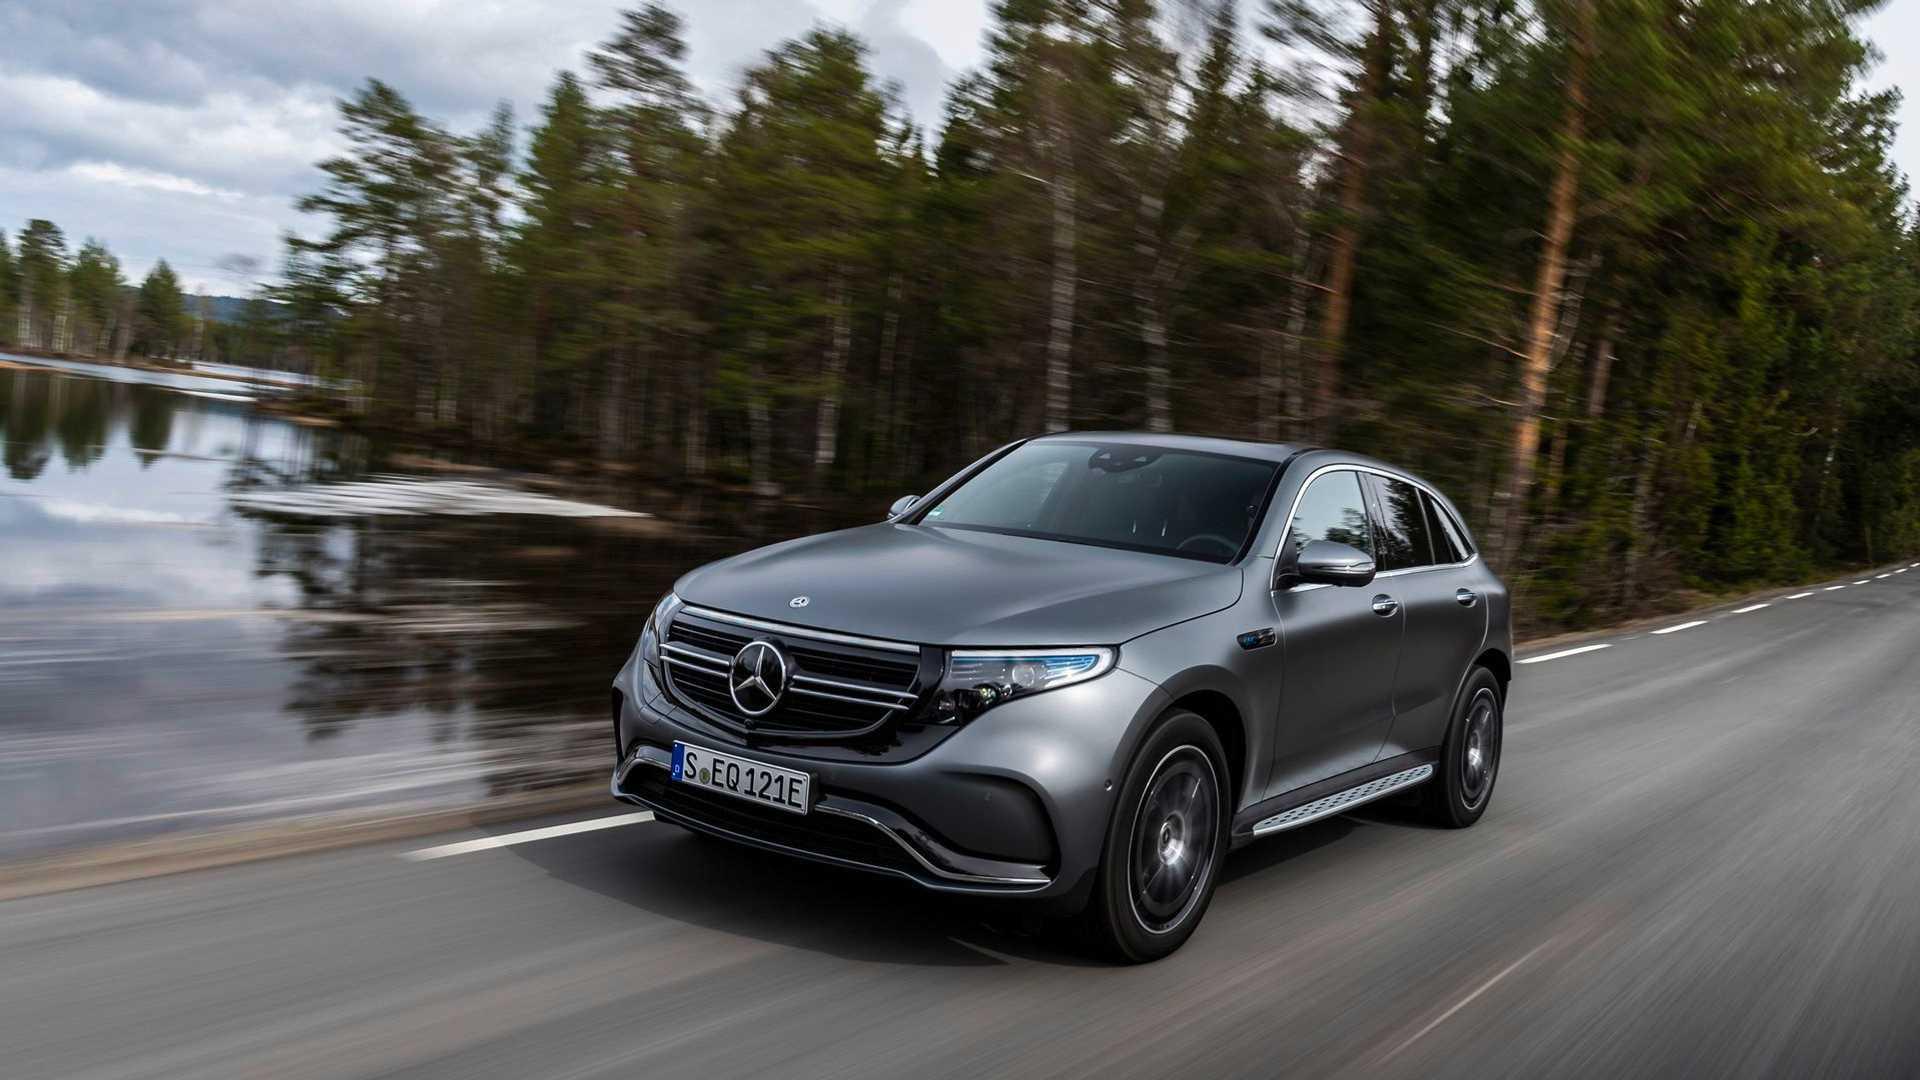 Продажи подключаемых электромобилей выросли в мае 2020 года на 40%